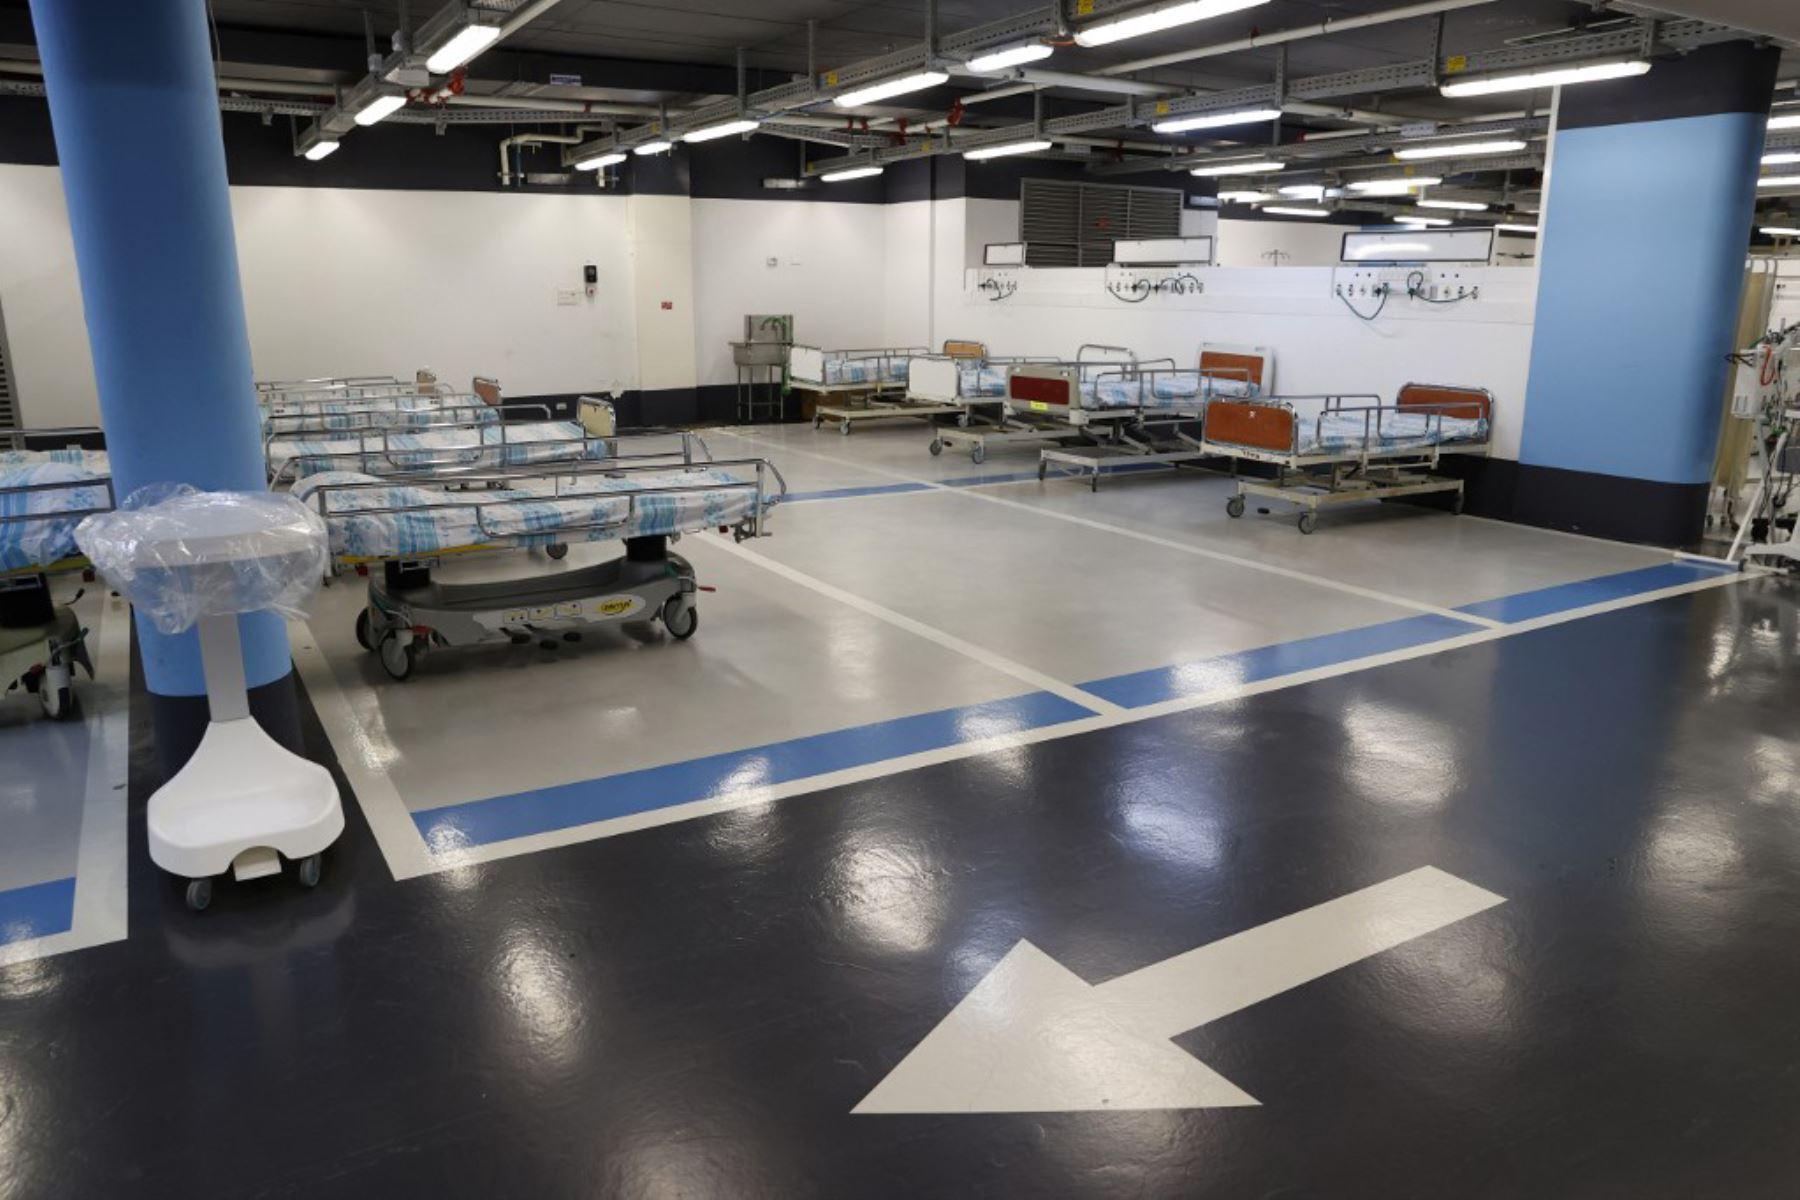 Una vista parcial muestra camas vacías instaladas en el estacionamiento subterráneo del Rambam Health Care Campus, que se transformó en una instalación de cuidados intensivos para pacientes con coronavirus, en la ciudad de Haifa, en el norte de Israel. Foto: AFP